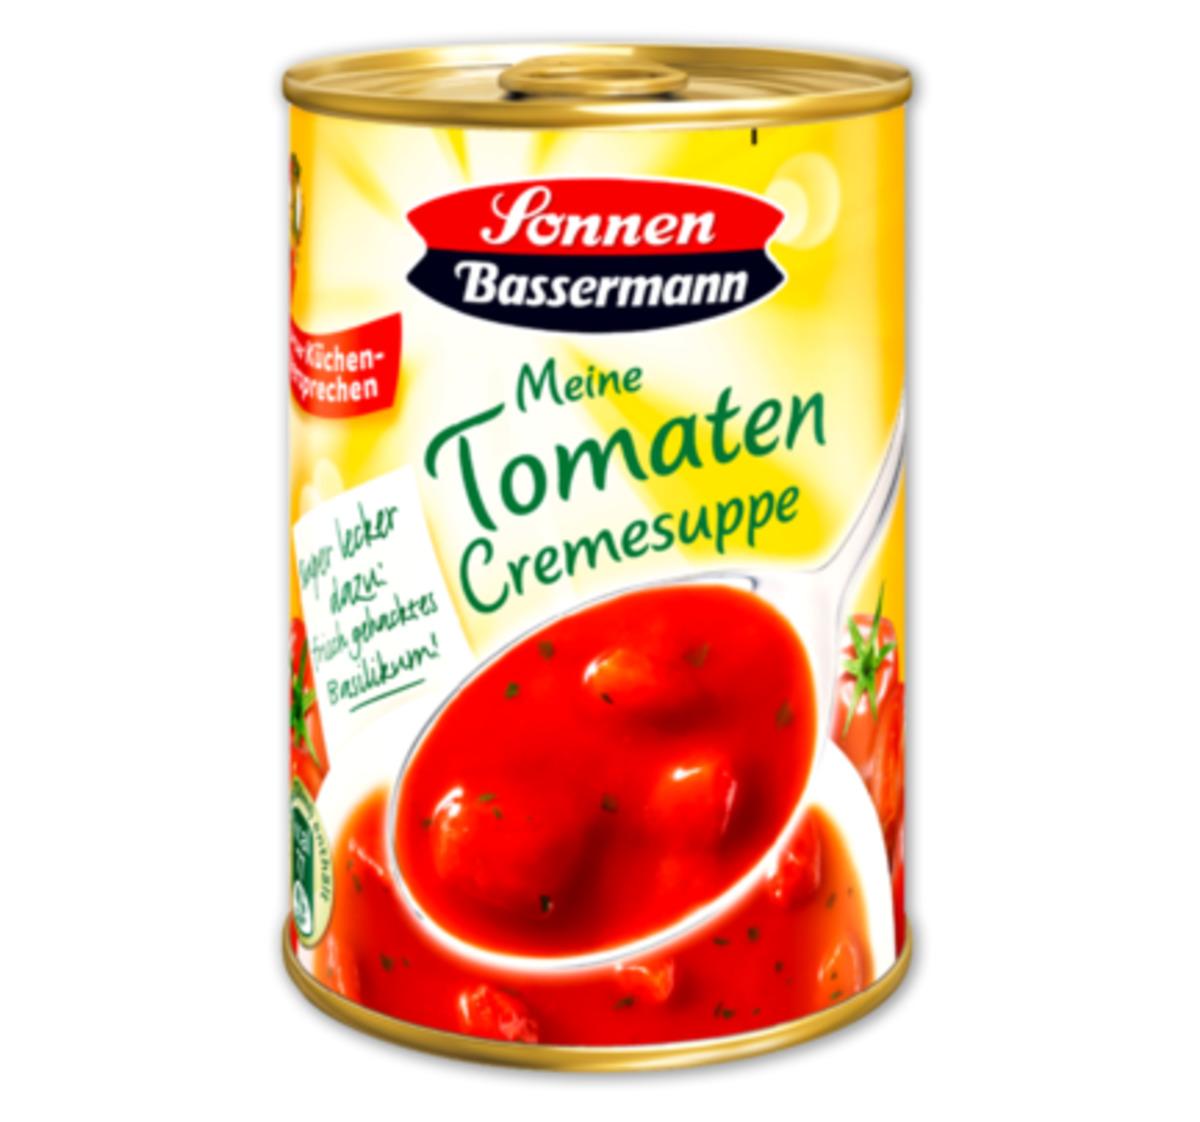 Bild 1 von SONNEN BASSERMANN Suppen